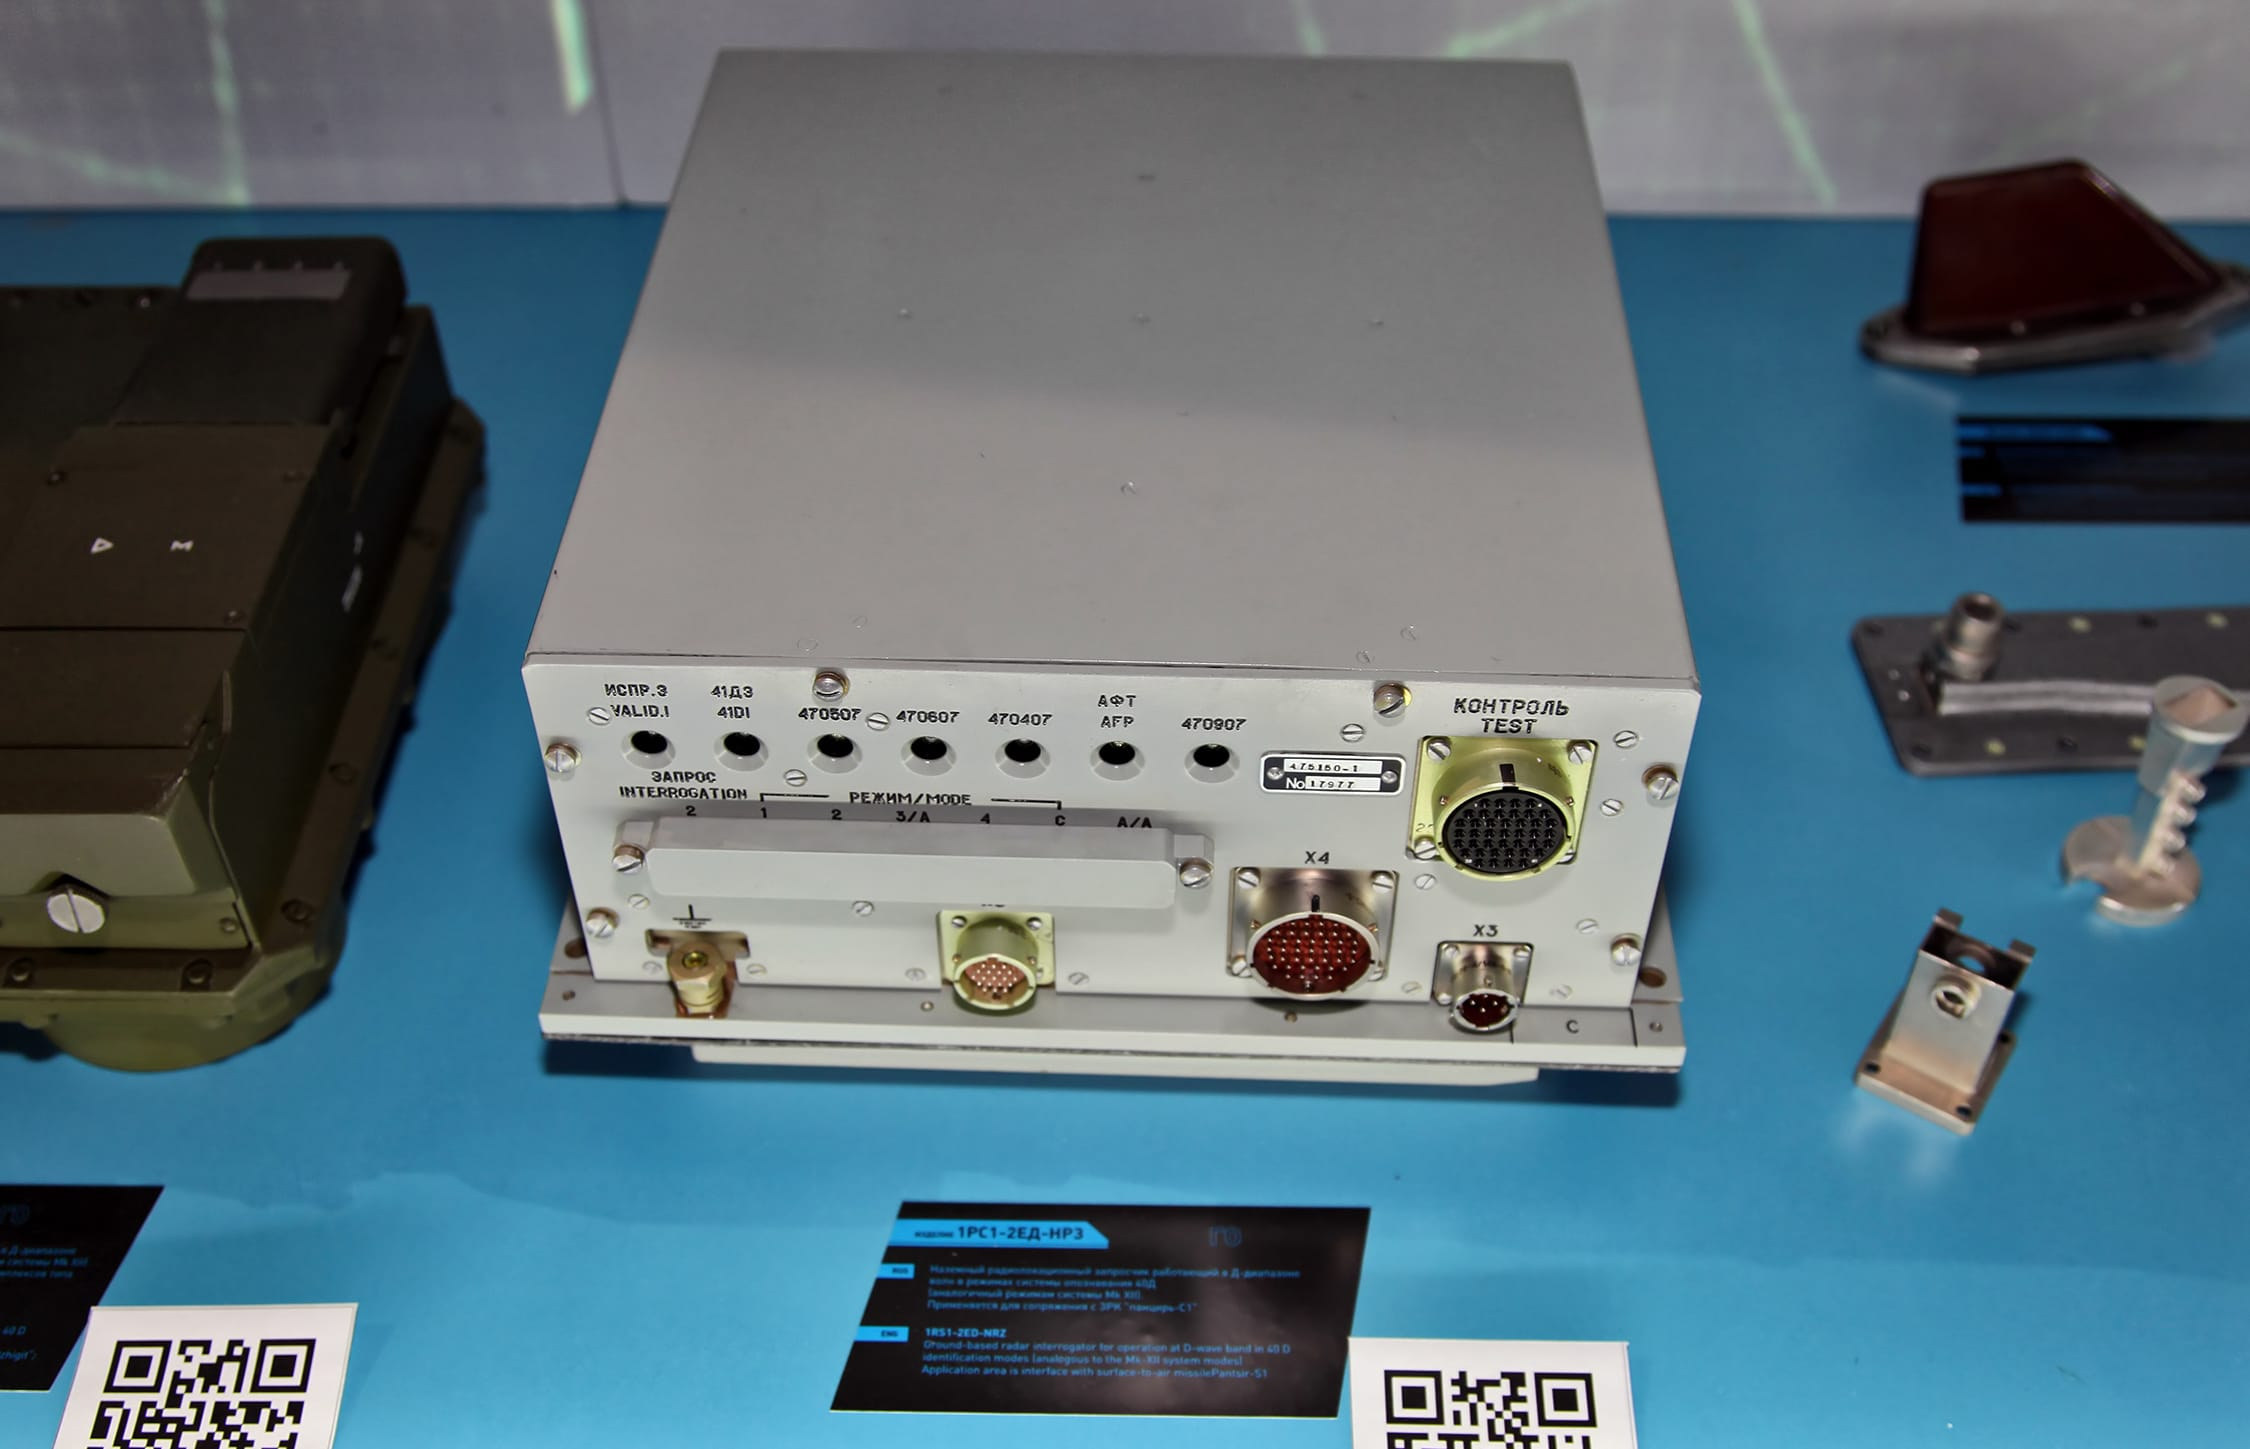 Многофункциональная авиационная бортовая радиолокационная станция (БРЛС) Жук-МЭ/FGA-129 производства корпорации «Фазотрон-НИИР». В БРЛС для поглощения энергии электромагнитных СВЧ-волн используются радиопоглощающие материалы. Фото - Виталий В. Кузьмин.